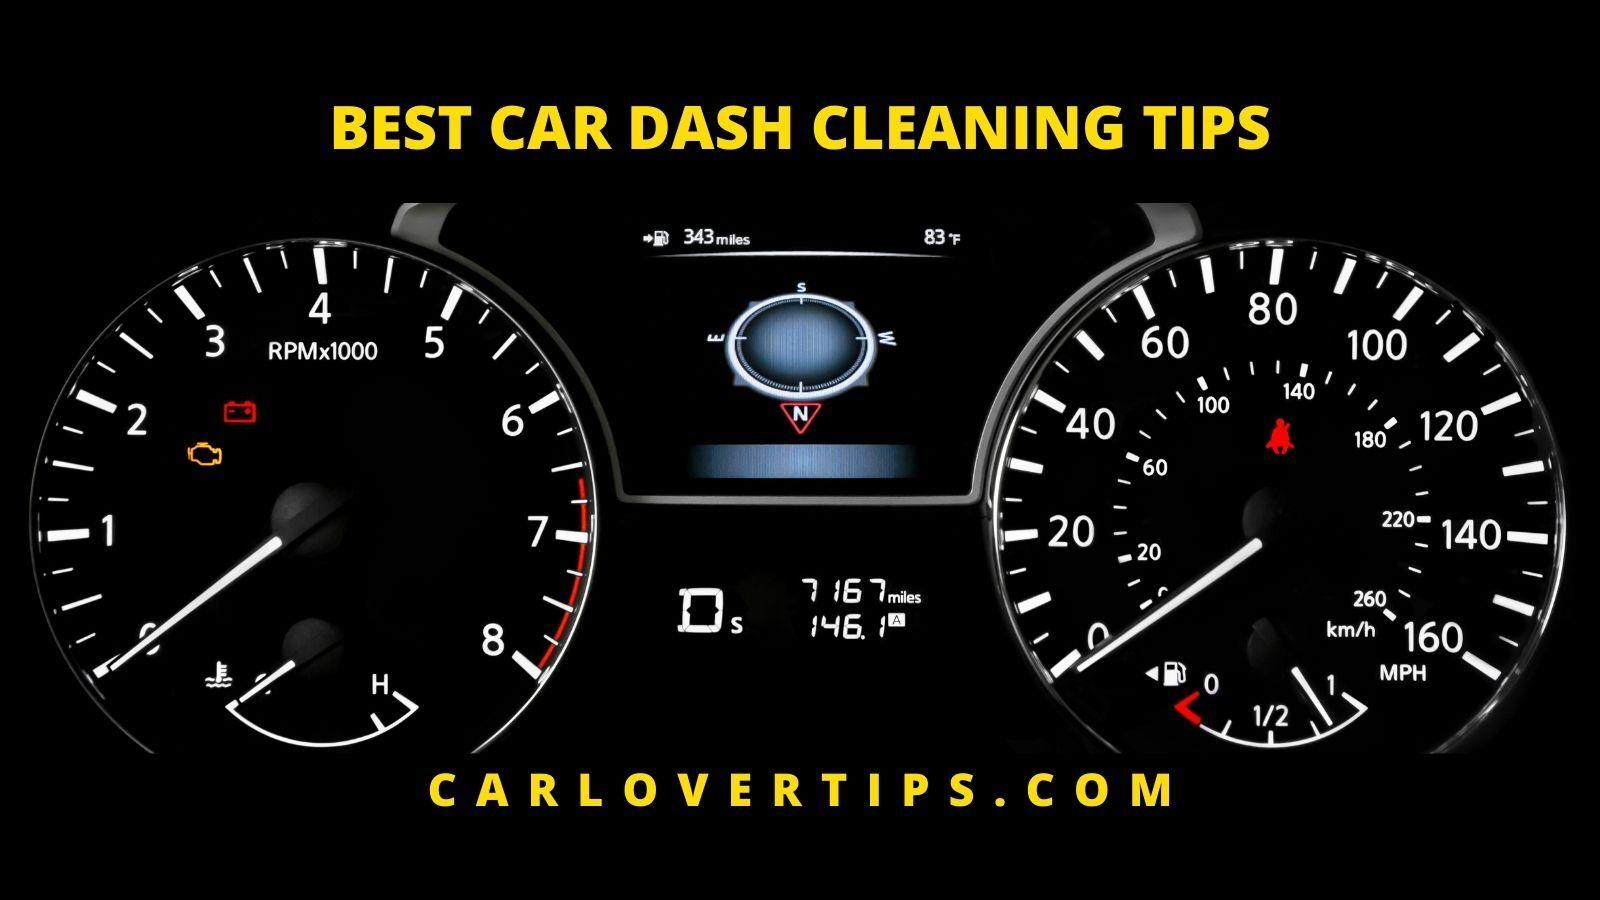 Best Car Dash Cleaner Tips Car Lover Tips CAR